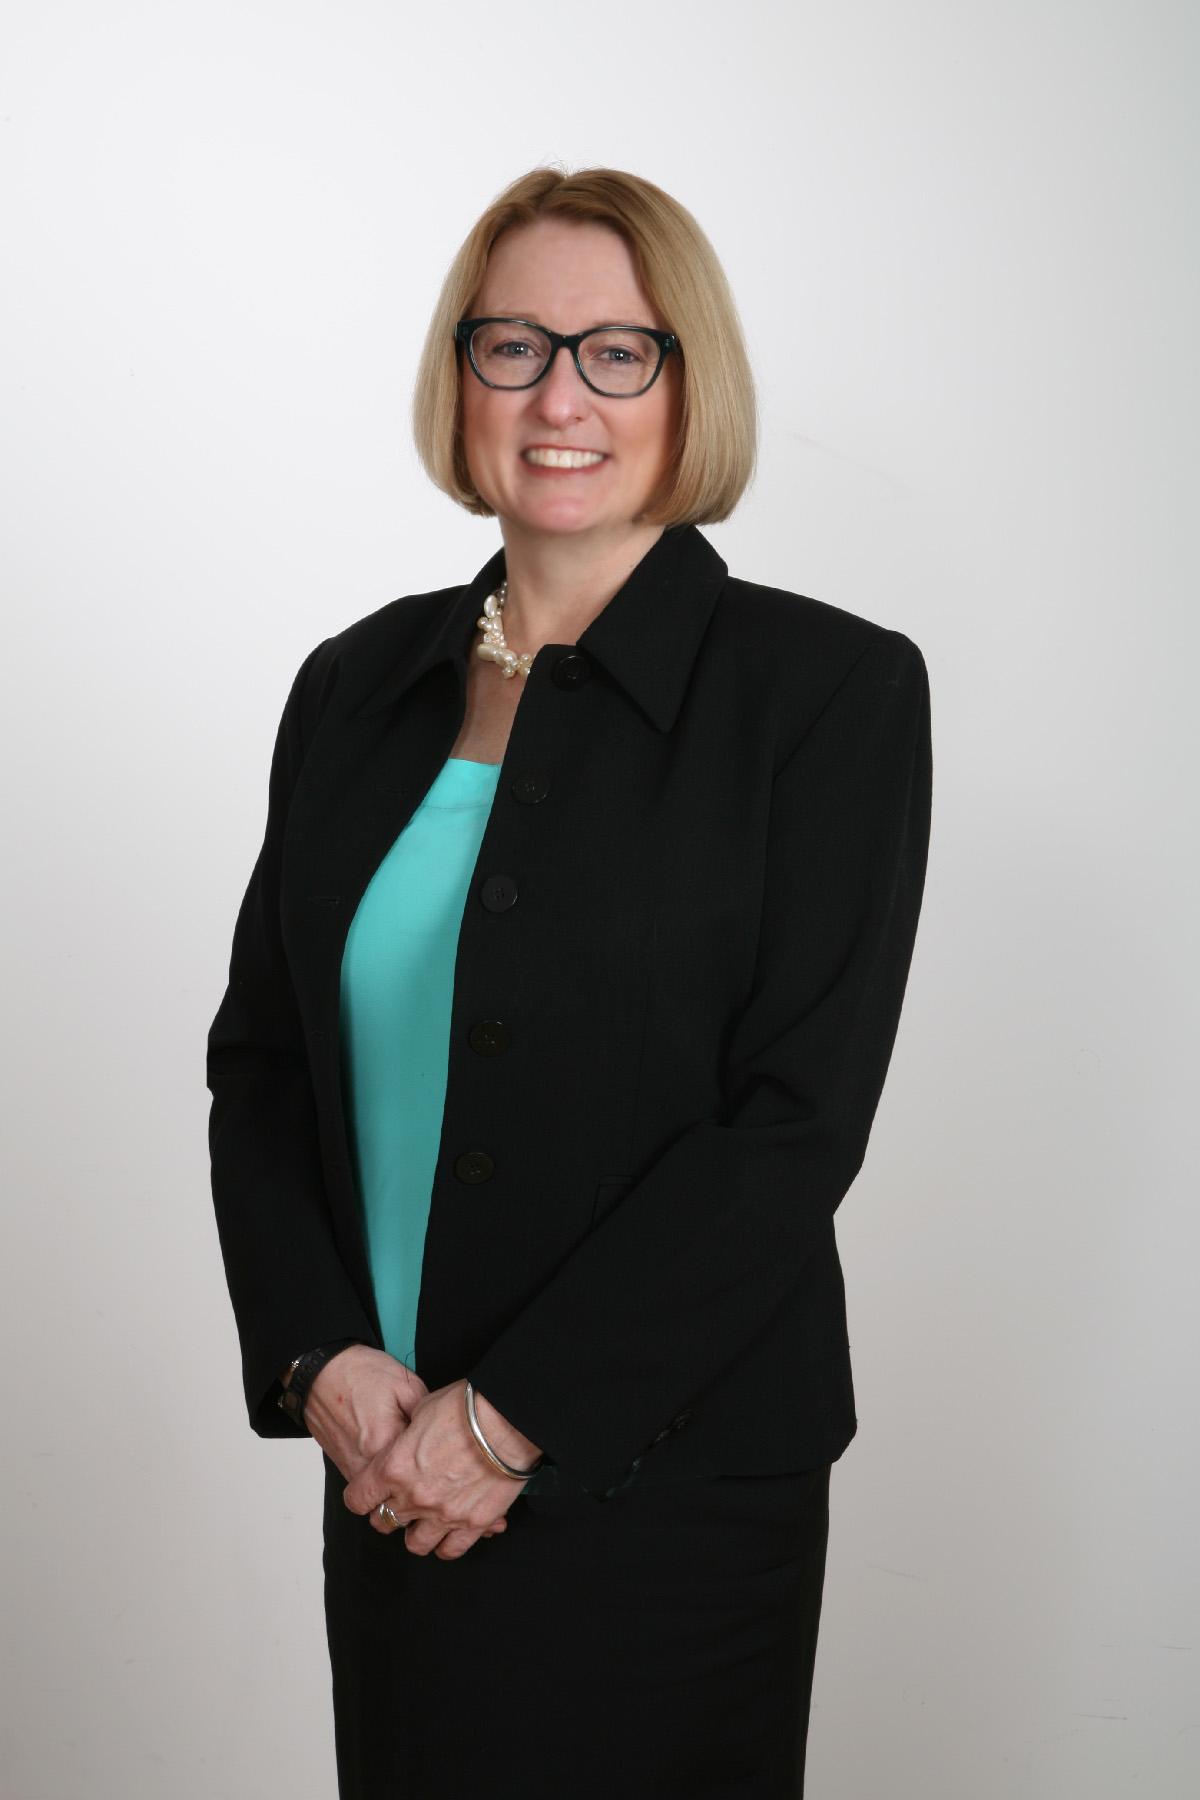 Lynn Charbonneau Paralegal